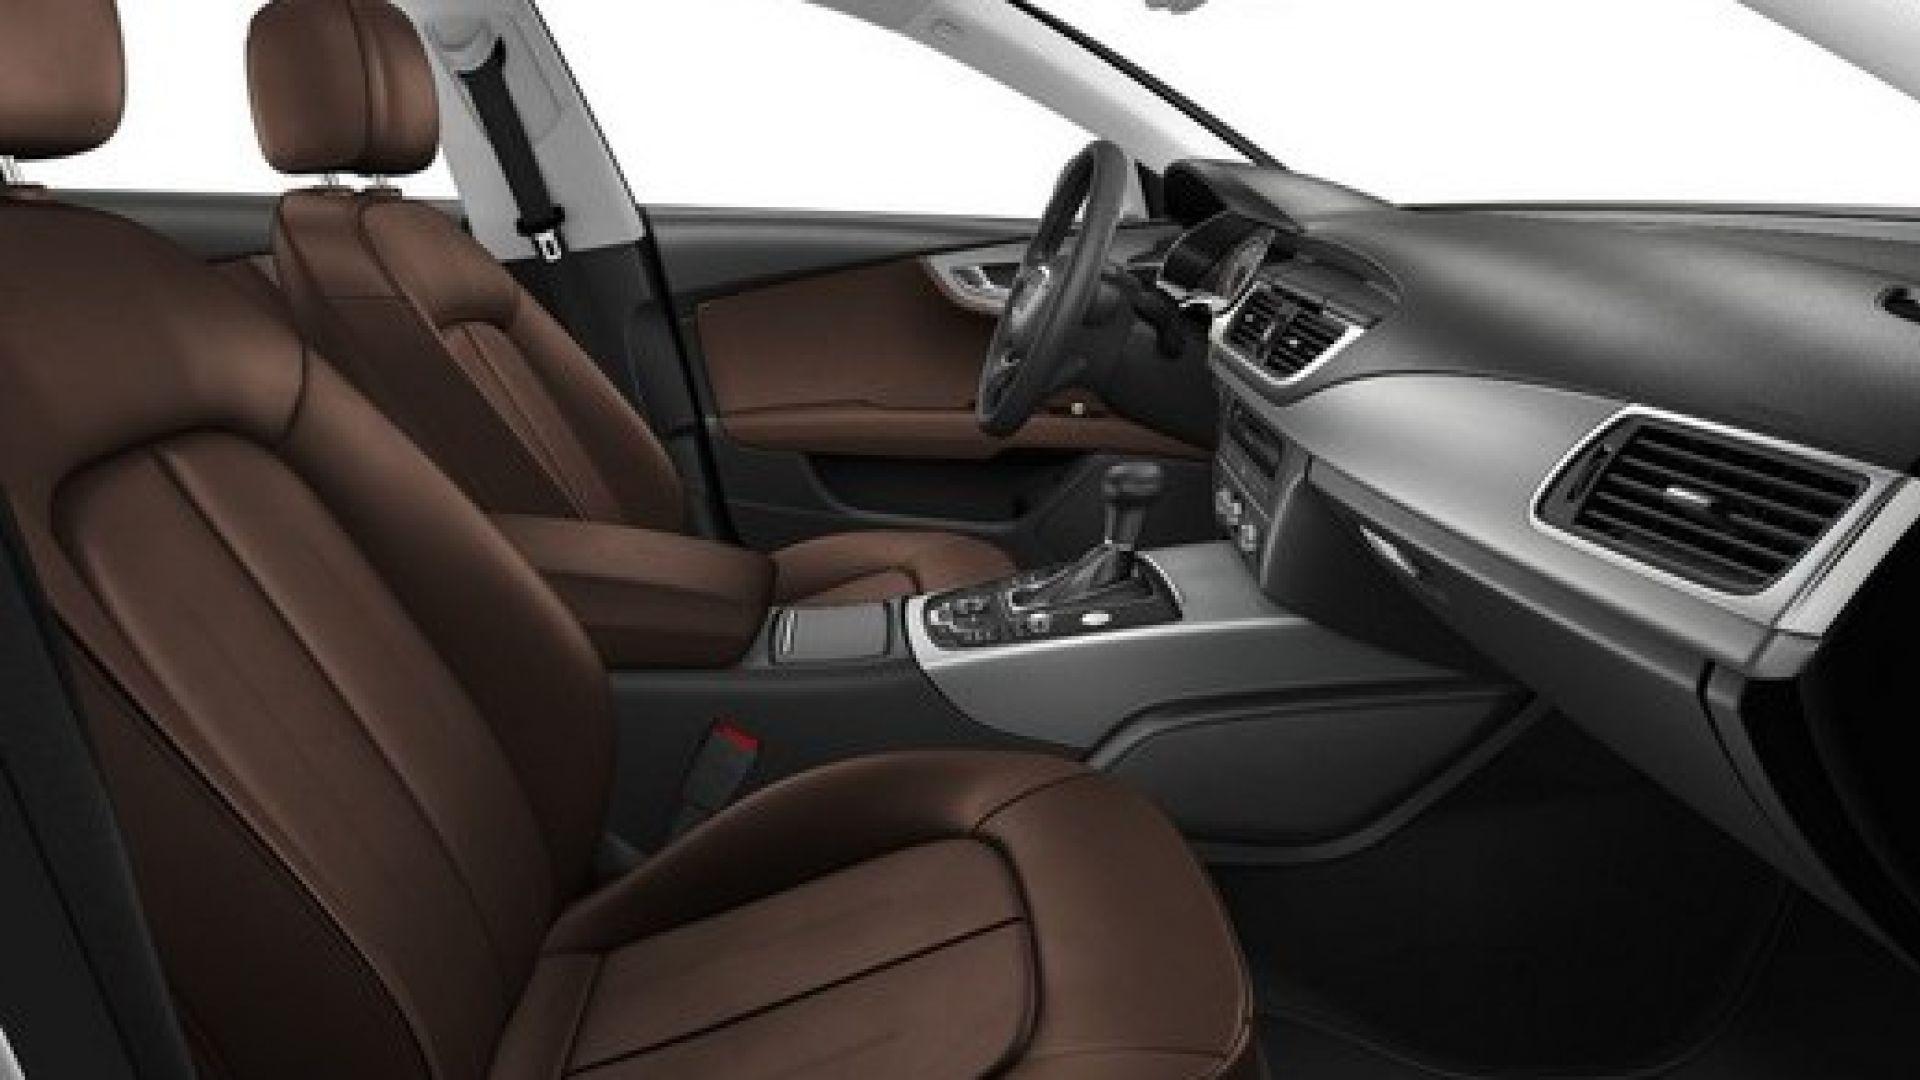 Tutto sulla Audi A7 Sportback - MotorBox